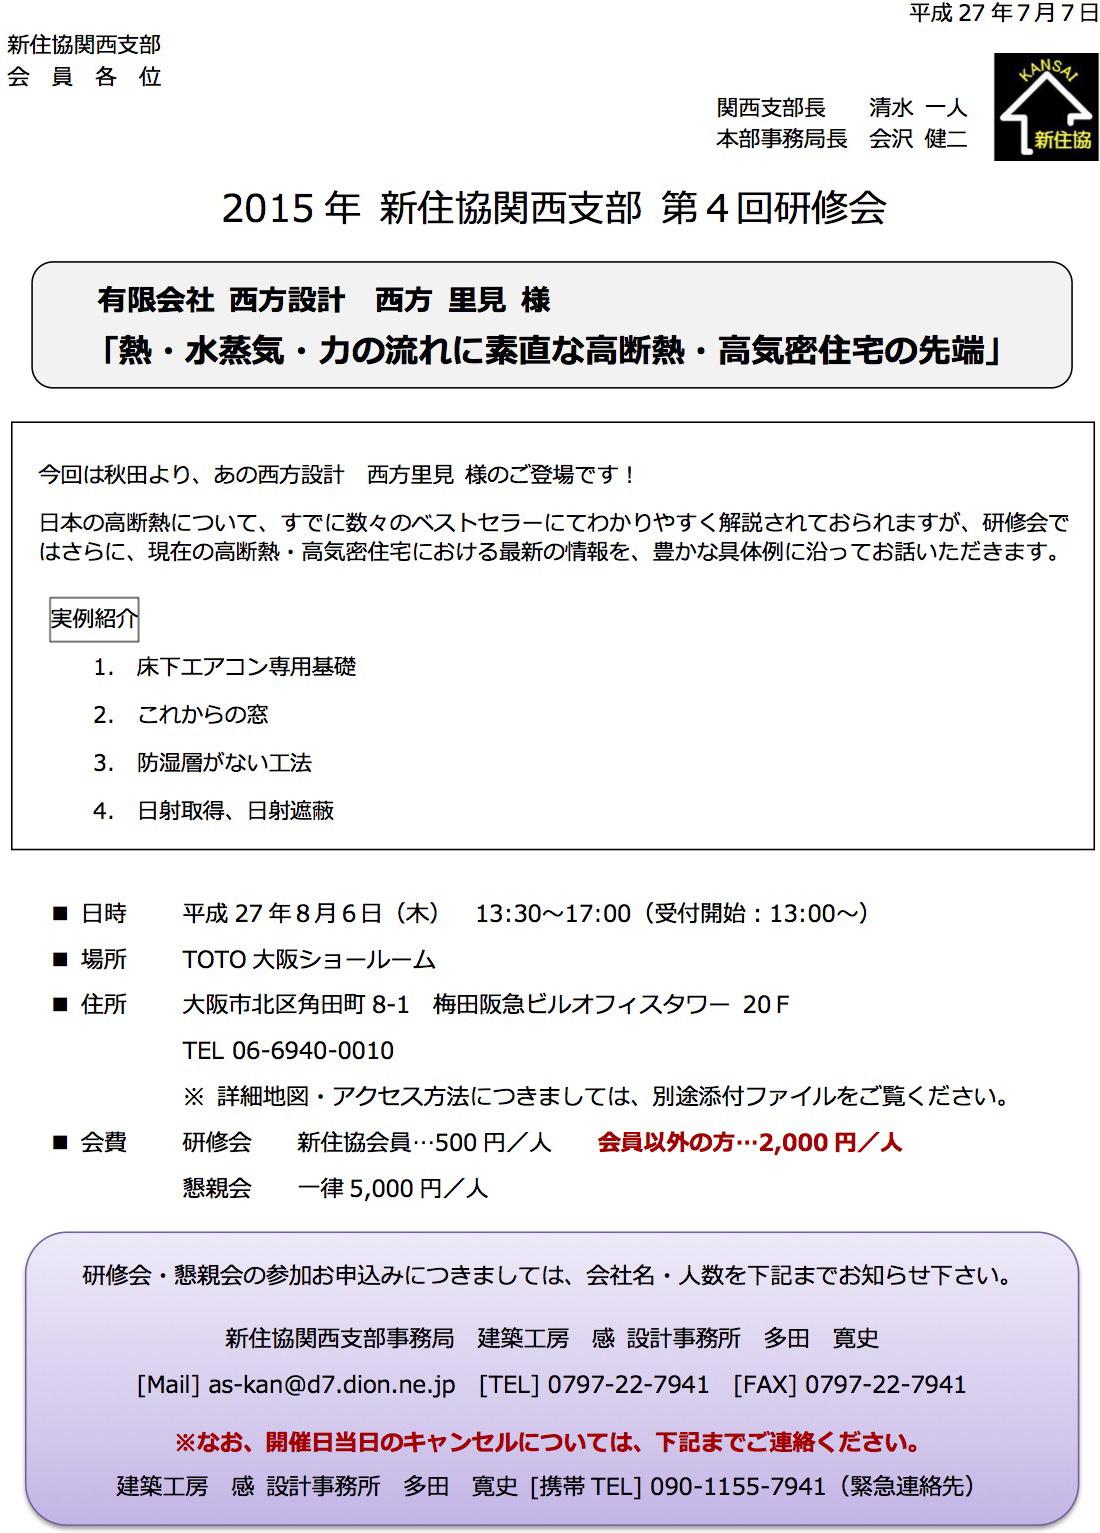 新住協関西支部 研修会講師_e0054299_07220535.jpg